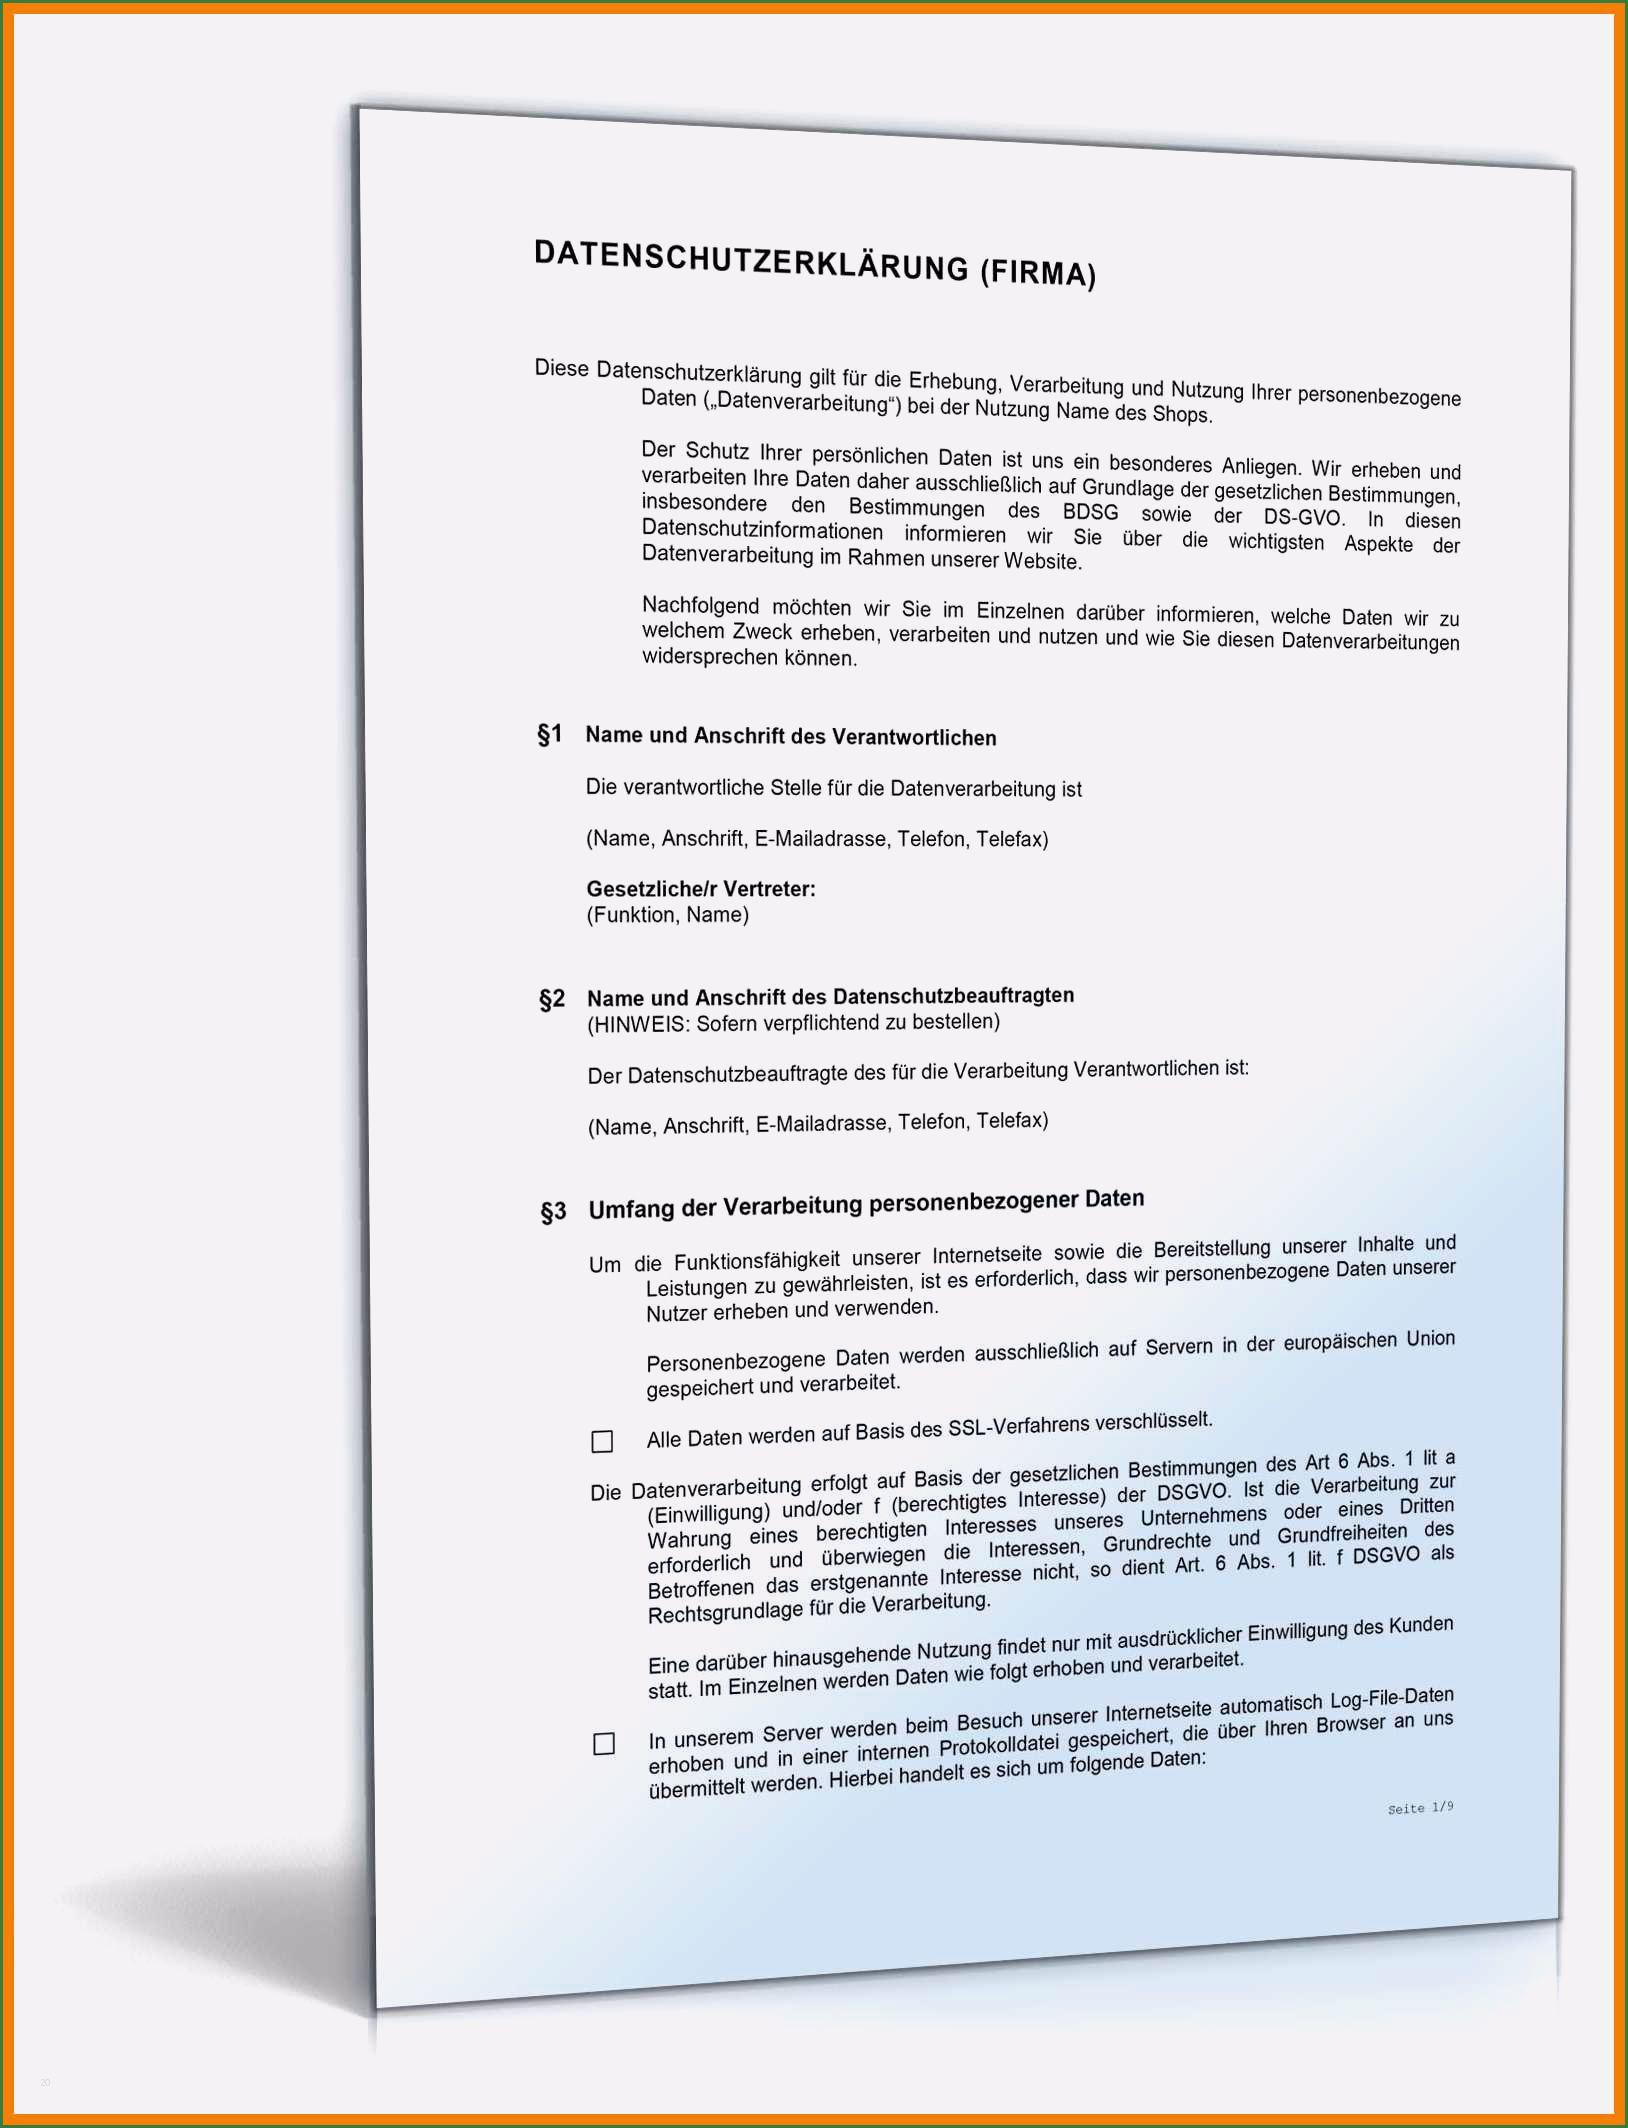 30 Erstaunlich Vorlage Datenschutzerklarung Website Abbildung Lebenslauf Briefkopf Vorlage Vorlagen